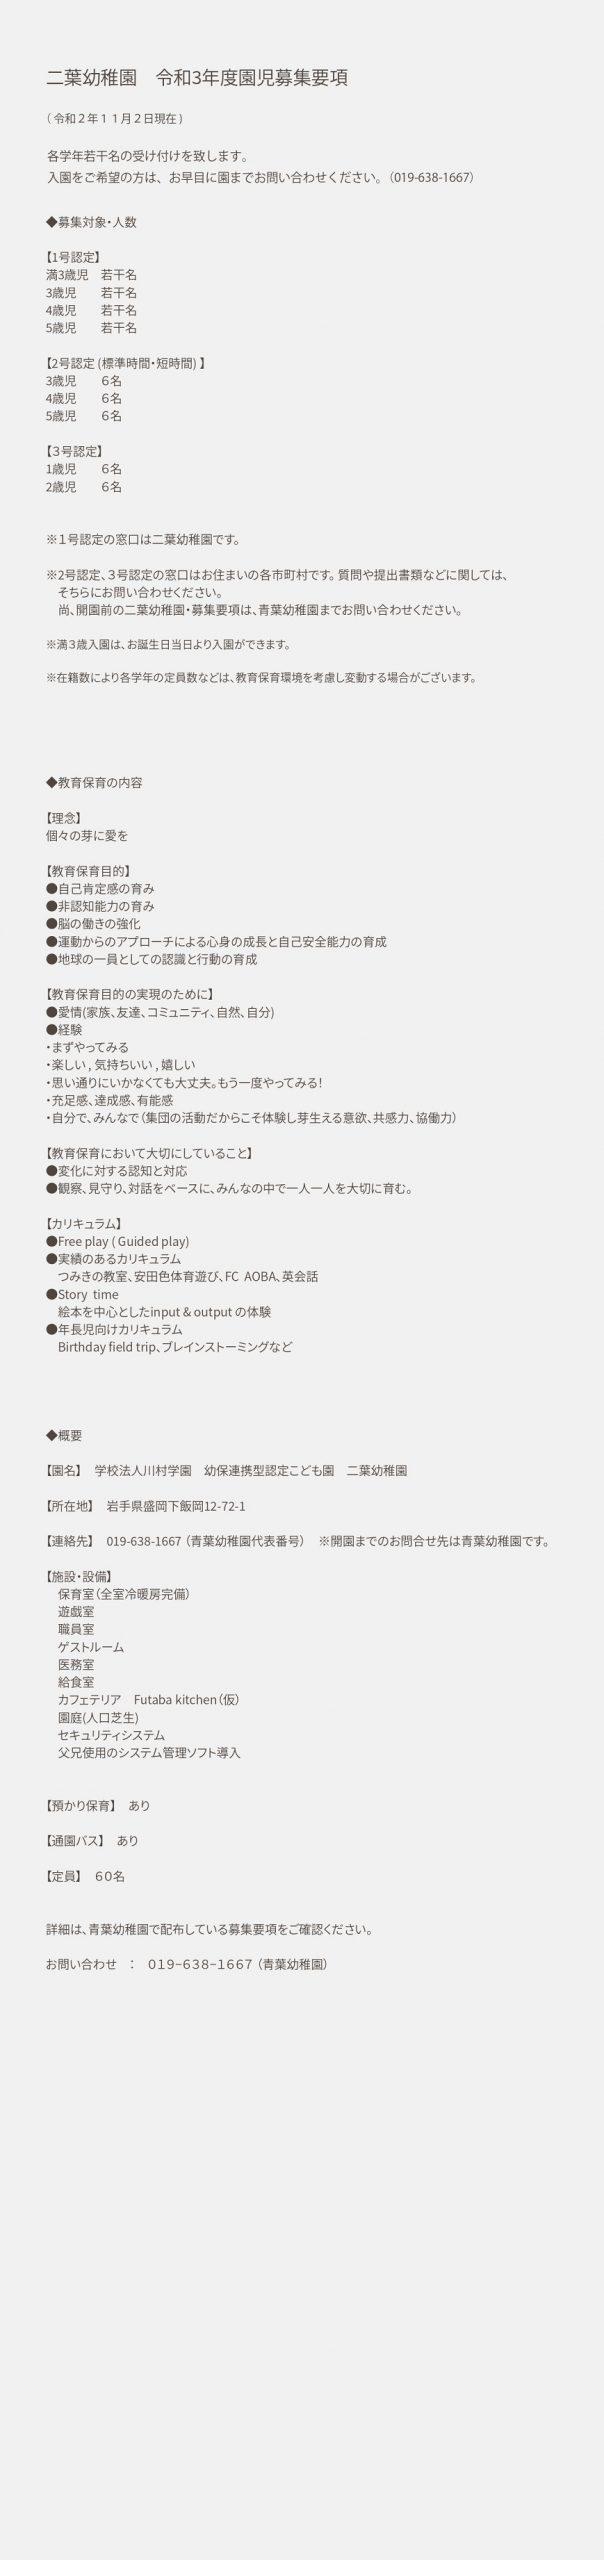 【二葉】HP用園児募集要項_01.jpg